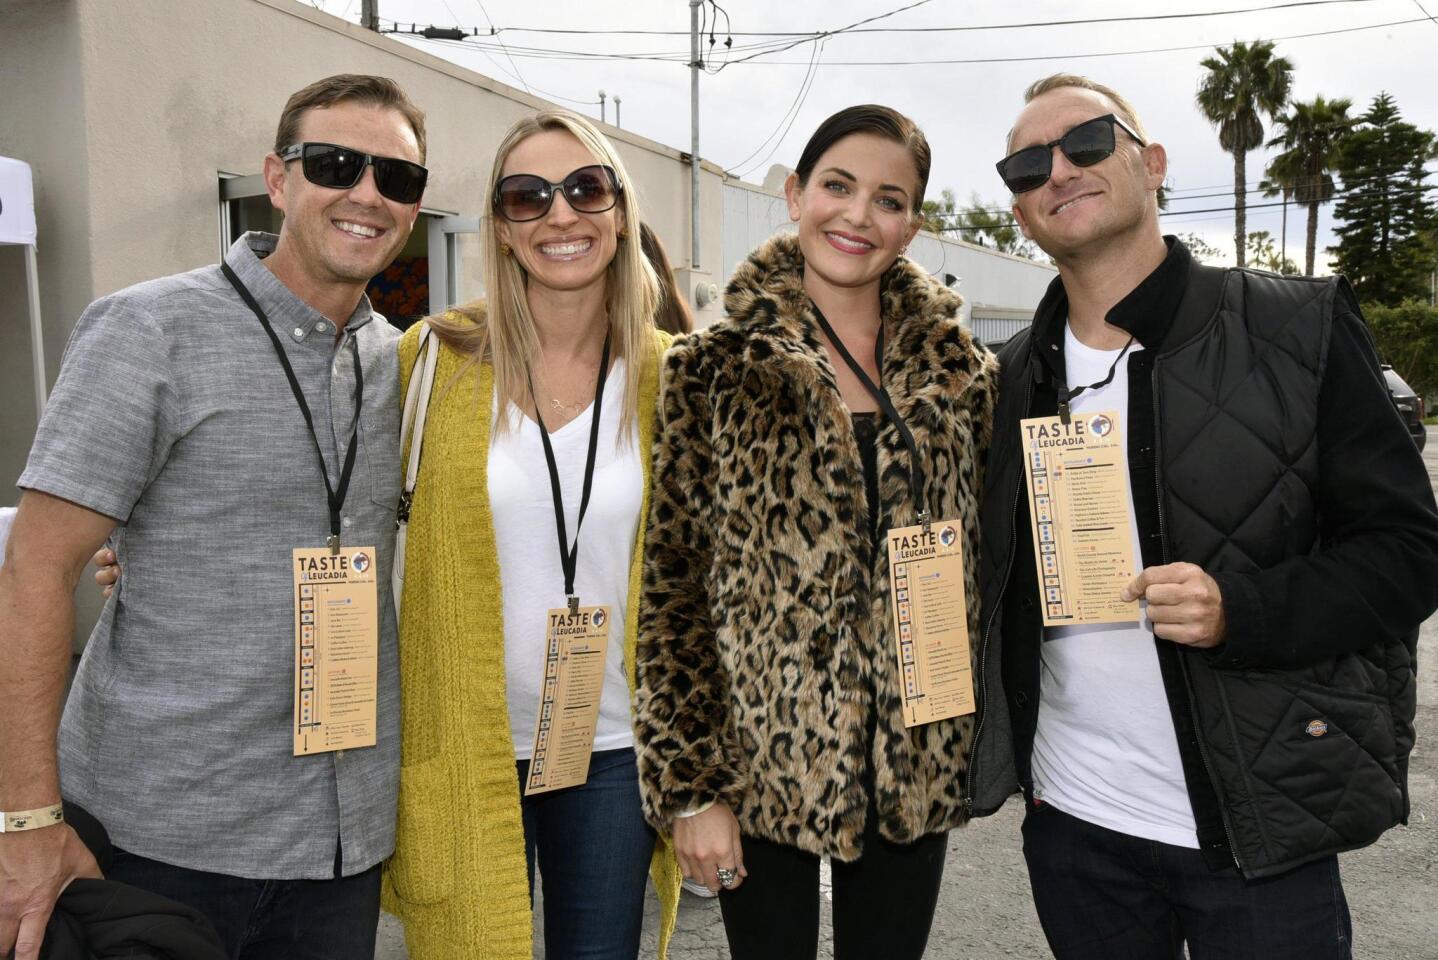 Matt Dietor, Becca Henig, Carolyn Allen, Chris Coté